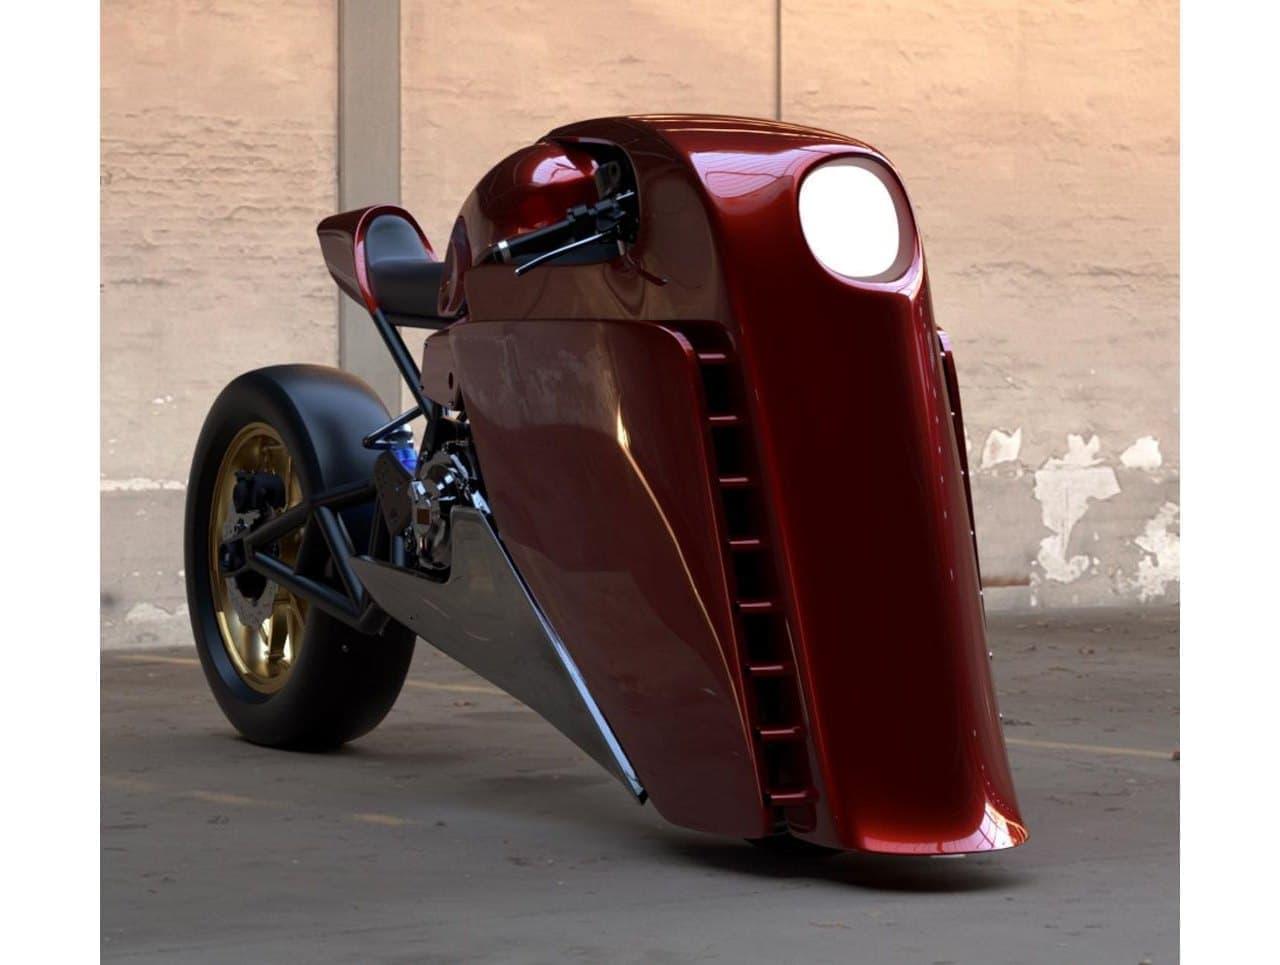 蒸気機関車?いえこれはヤマハのあのバイクベースのカスタムデザインです